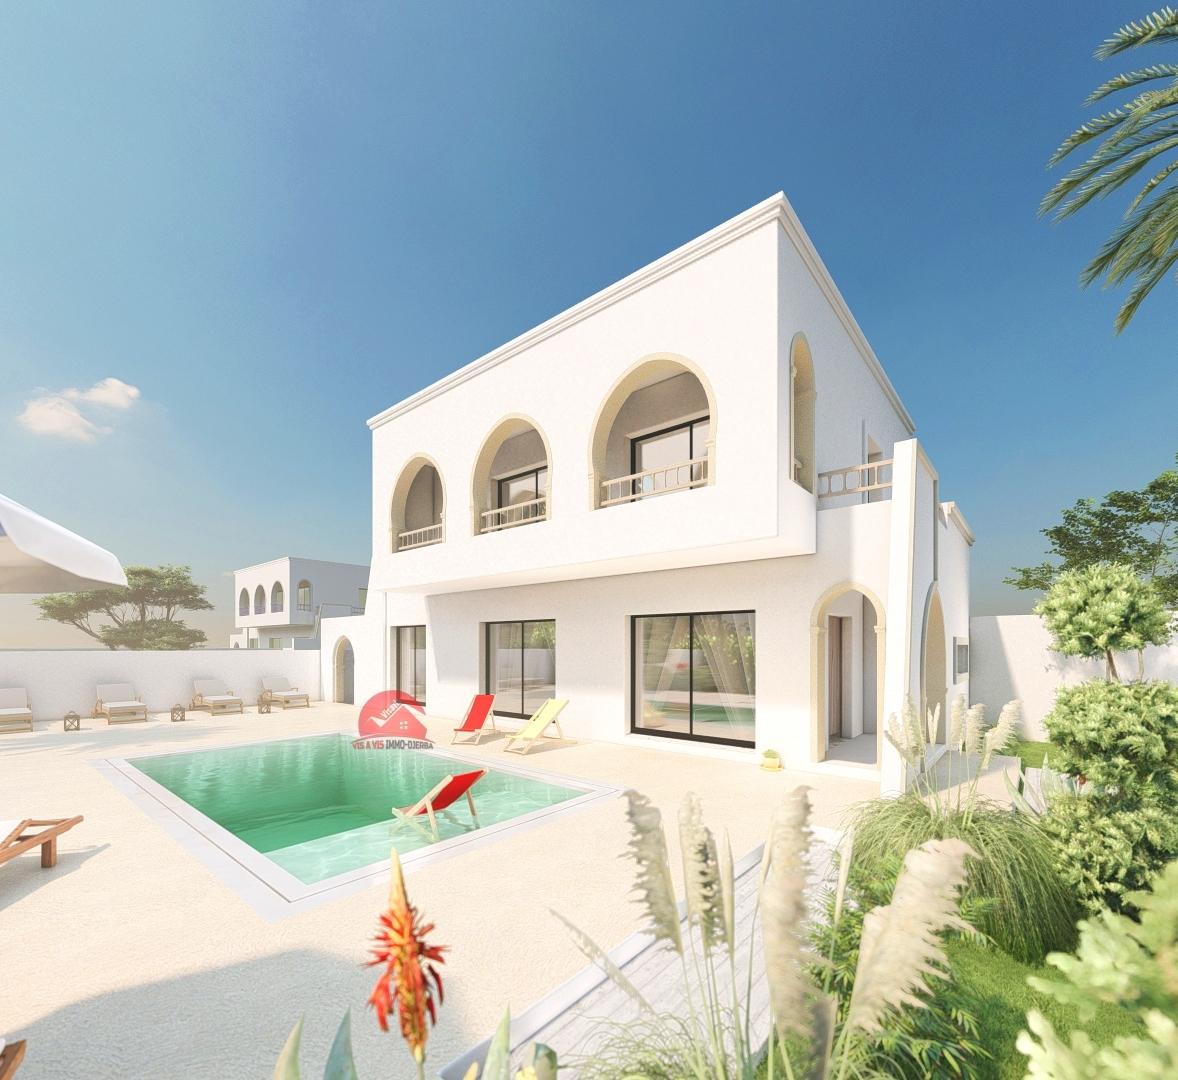 Projet de villa à 10mn de la plage - Réf P547